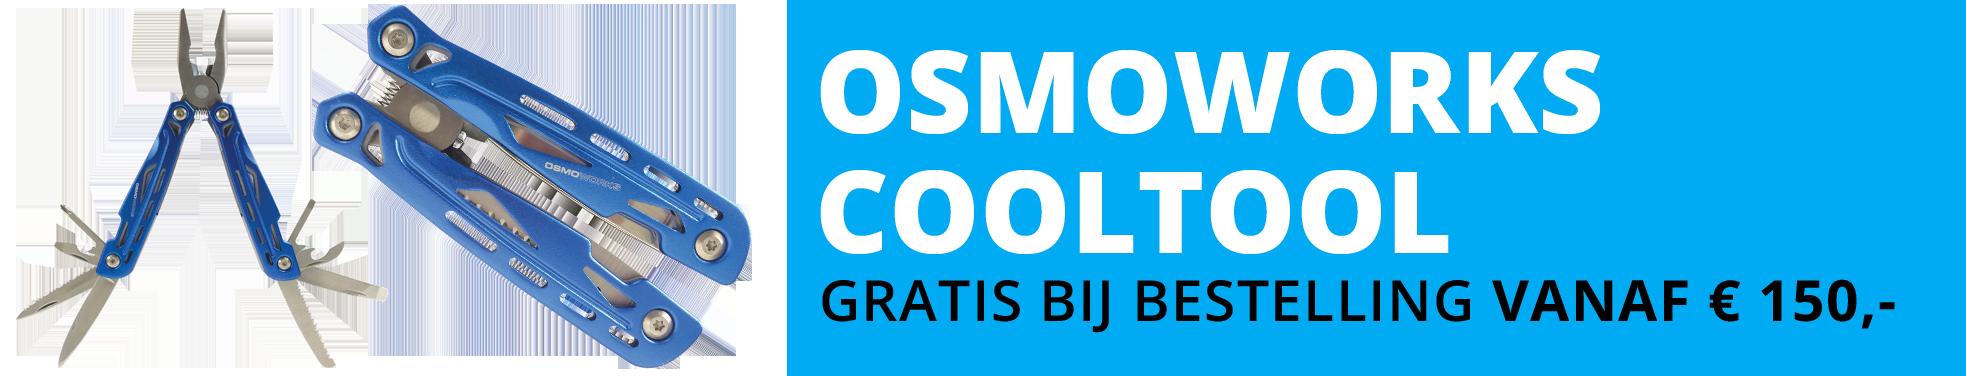 osmoworks-button-glazenwasserswinkel